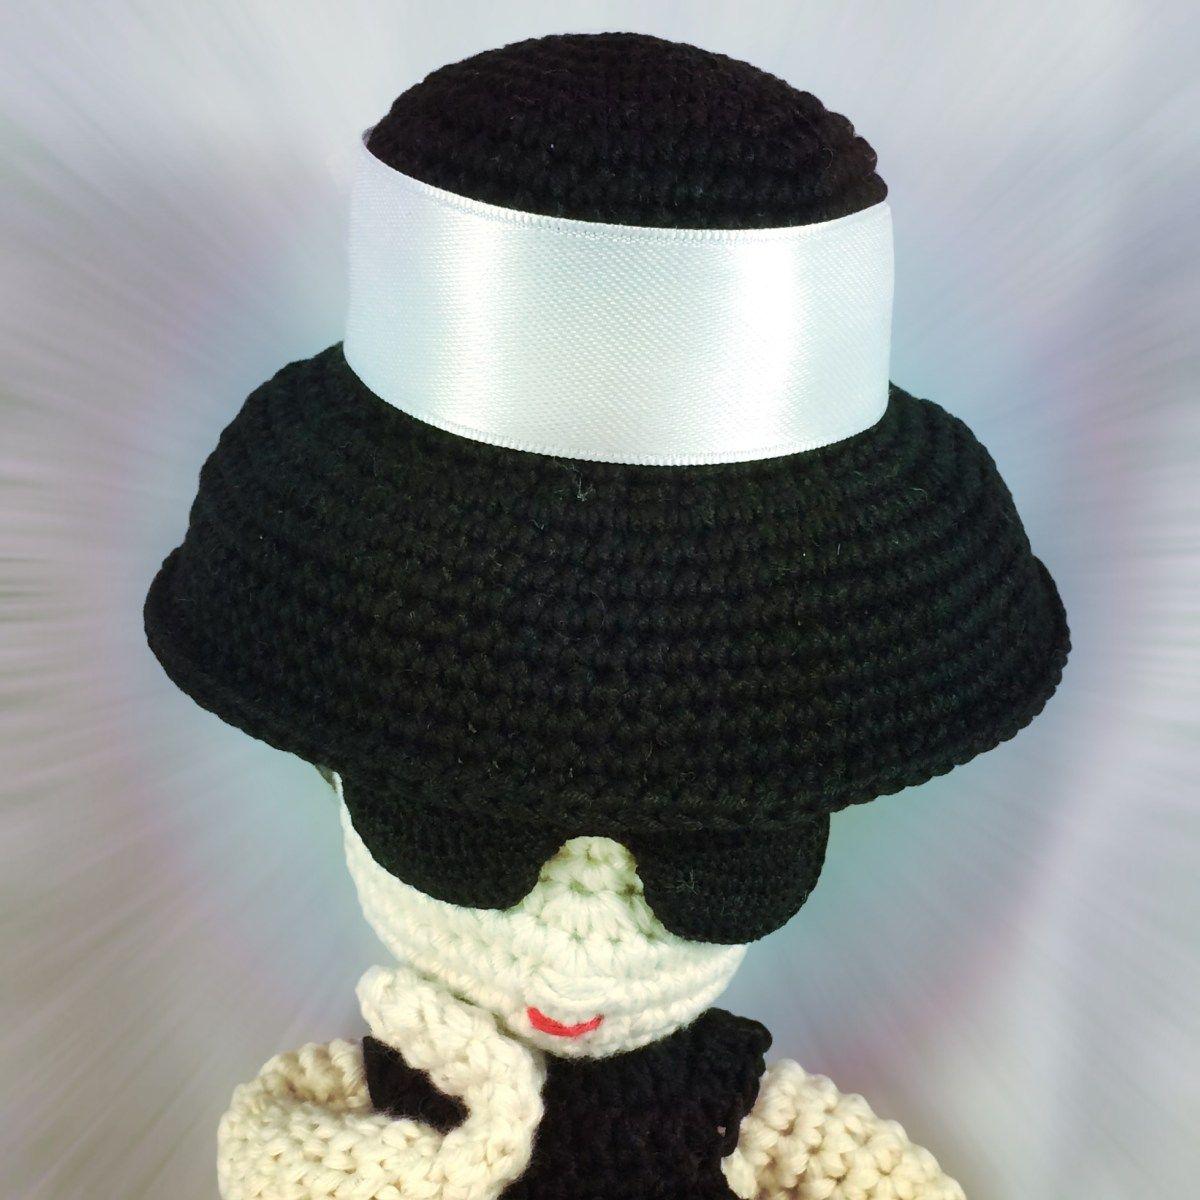 Freie Häkelanleitung: Audrey Hepburn Outfit für (Häkel-)Puppen ...